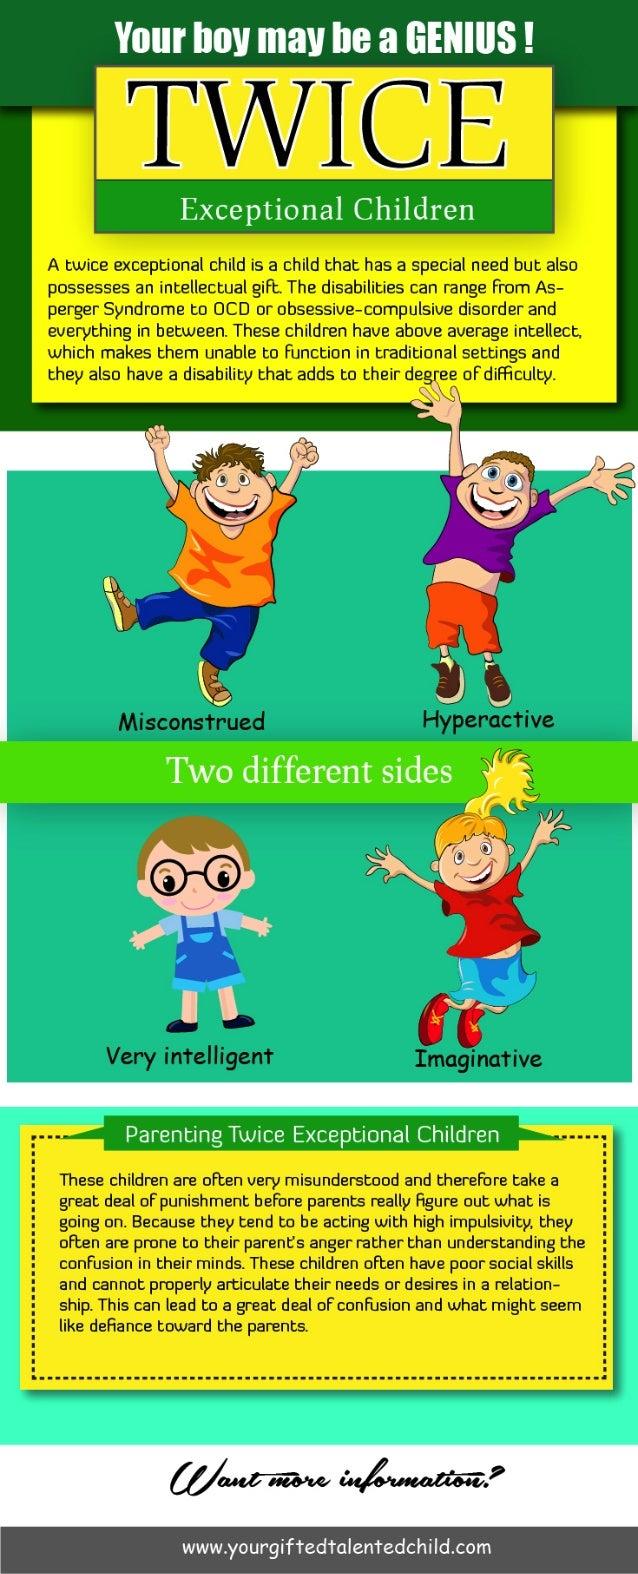 Twice Exceptional Children